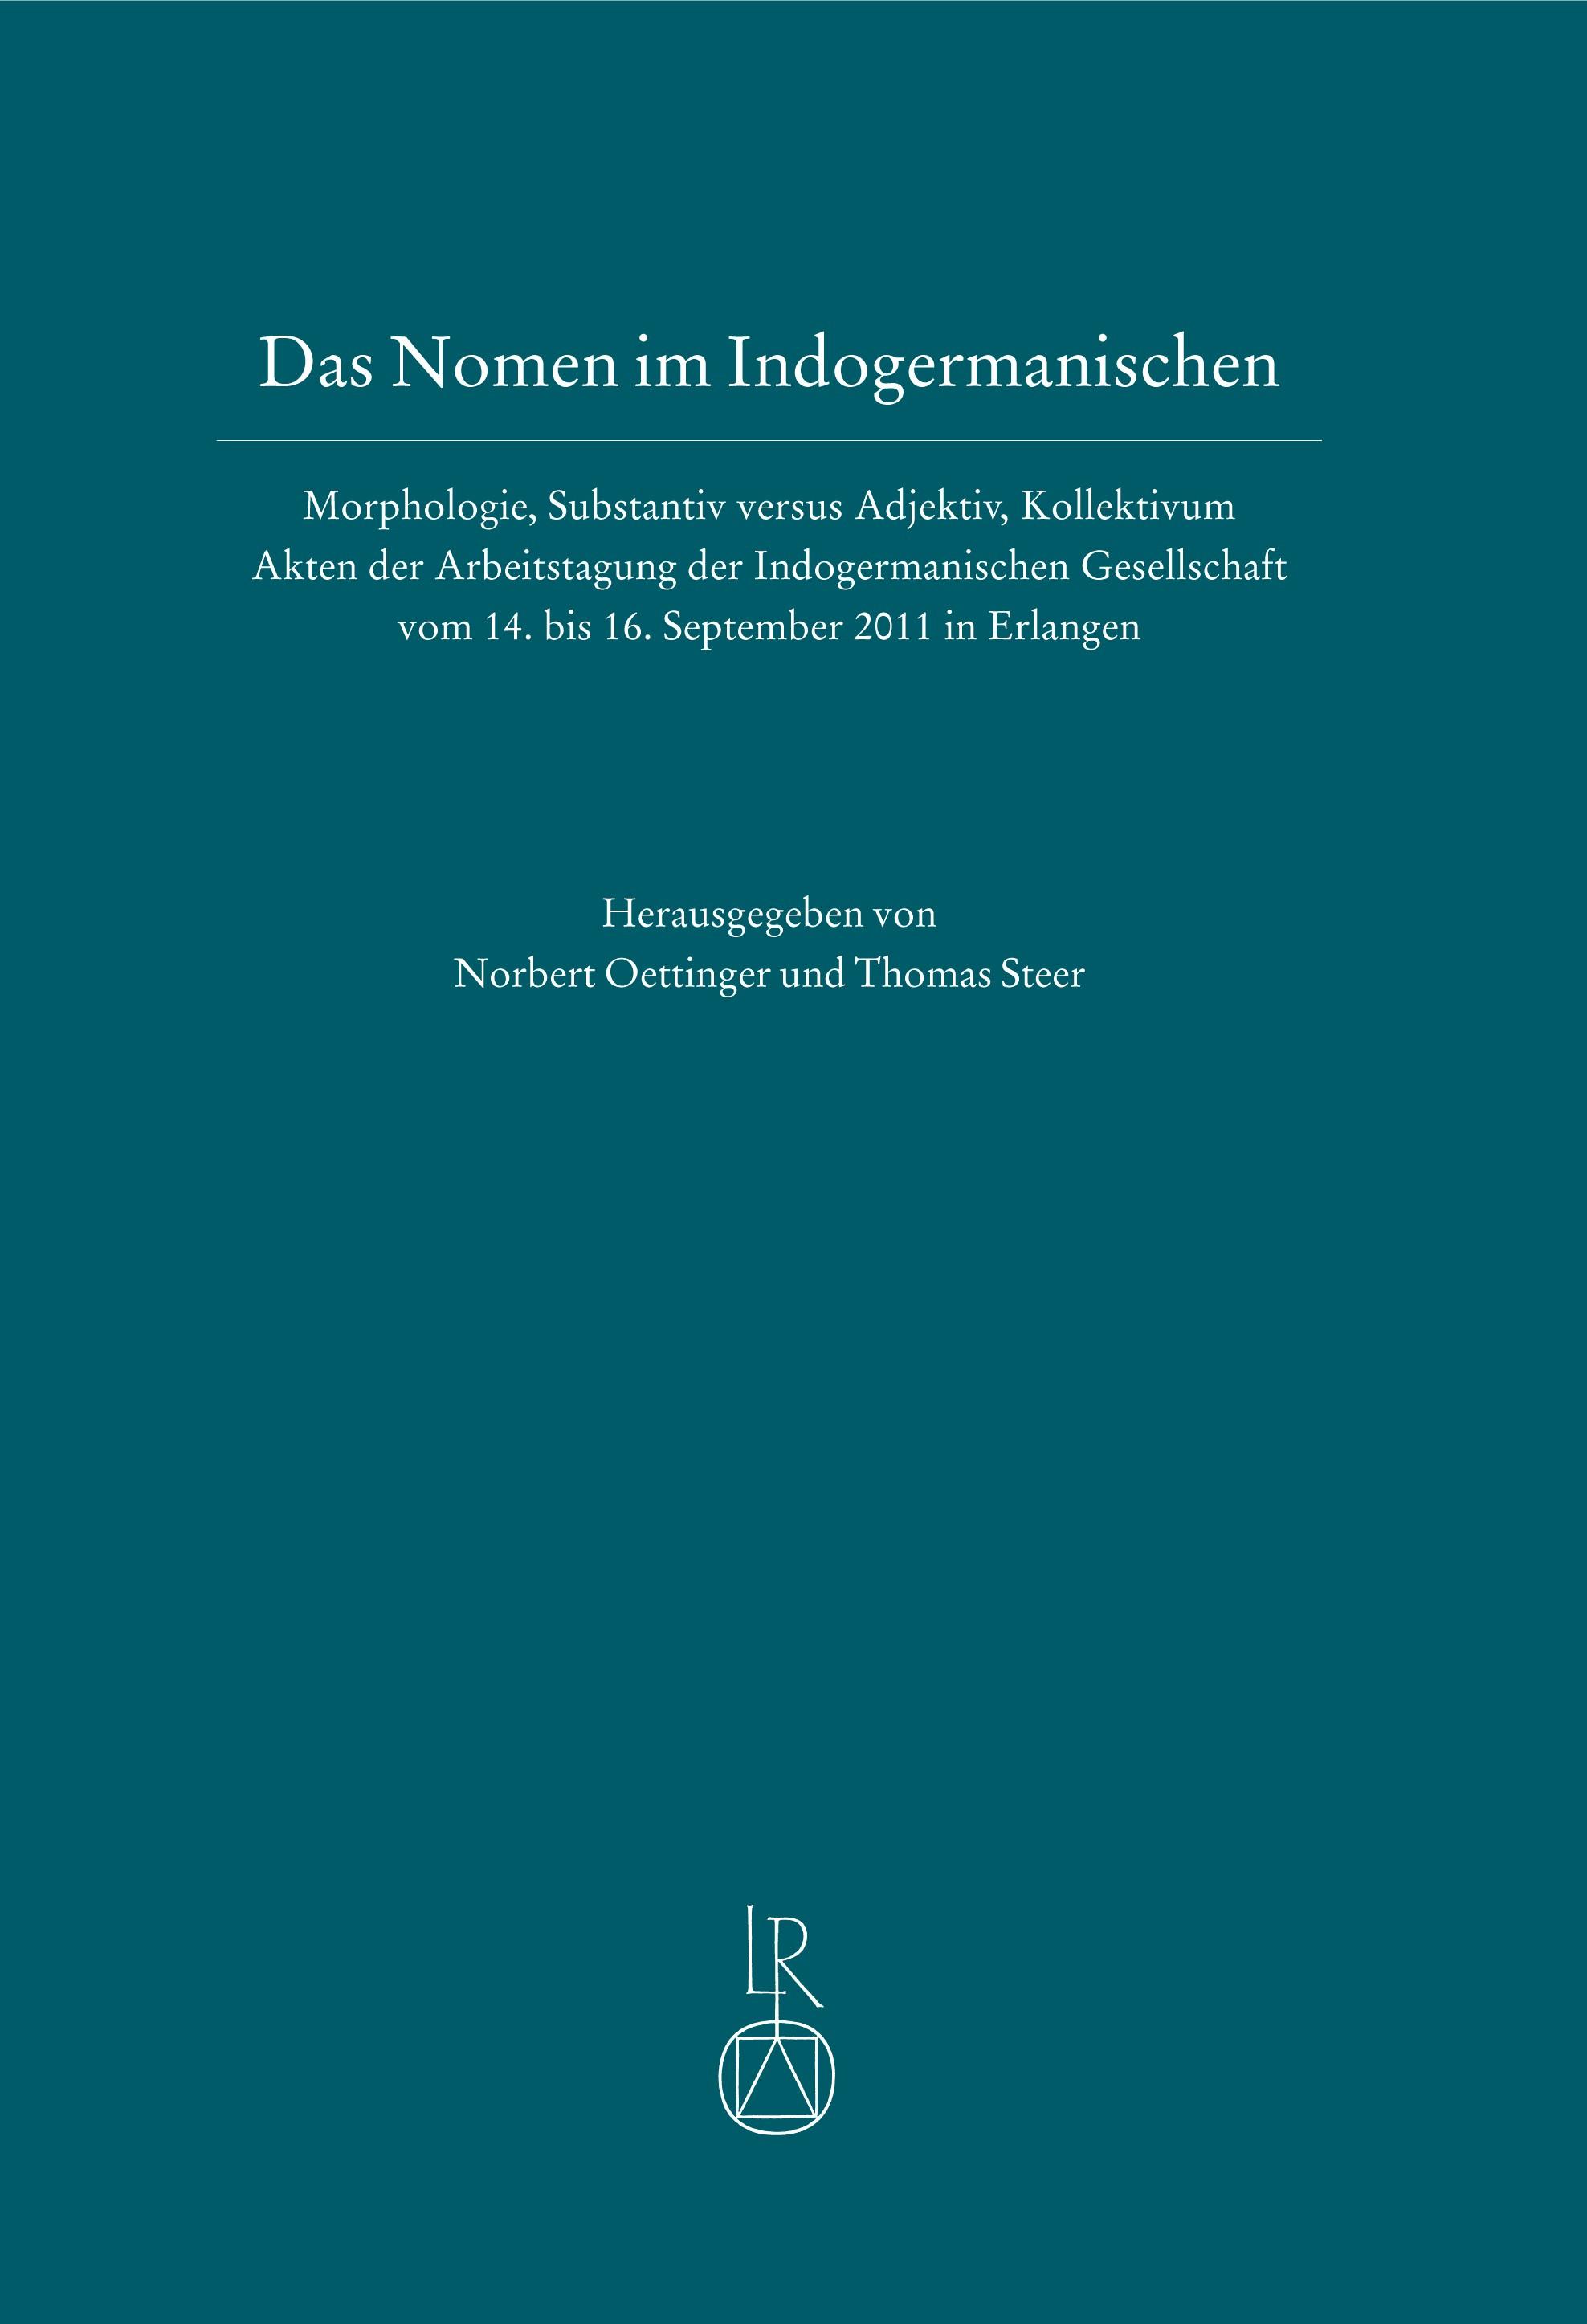 Das Nomen im Indogermanischen | Oettinger / Steer, 2014 | Buch (Cover)